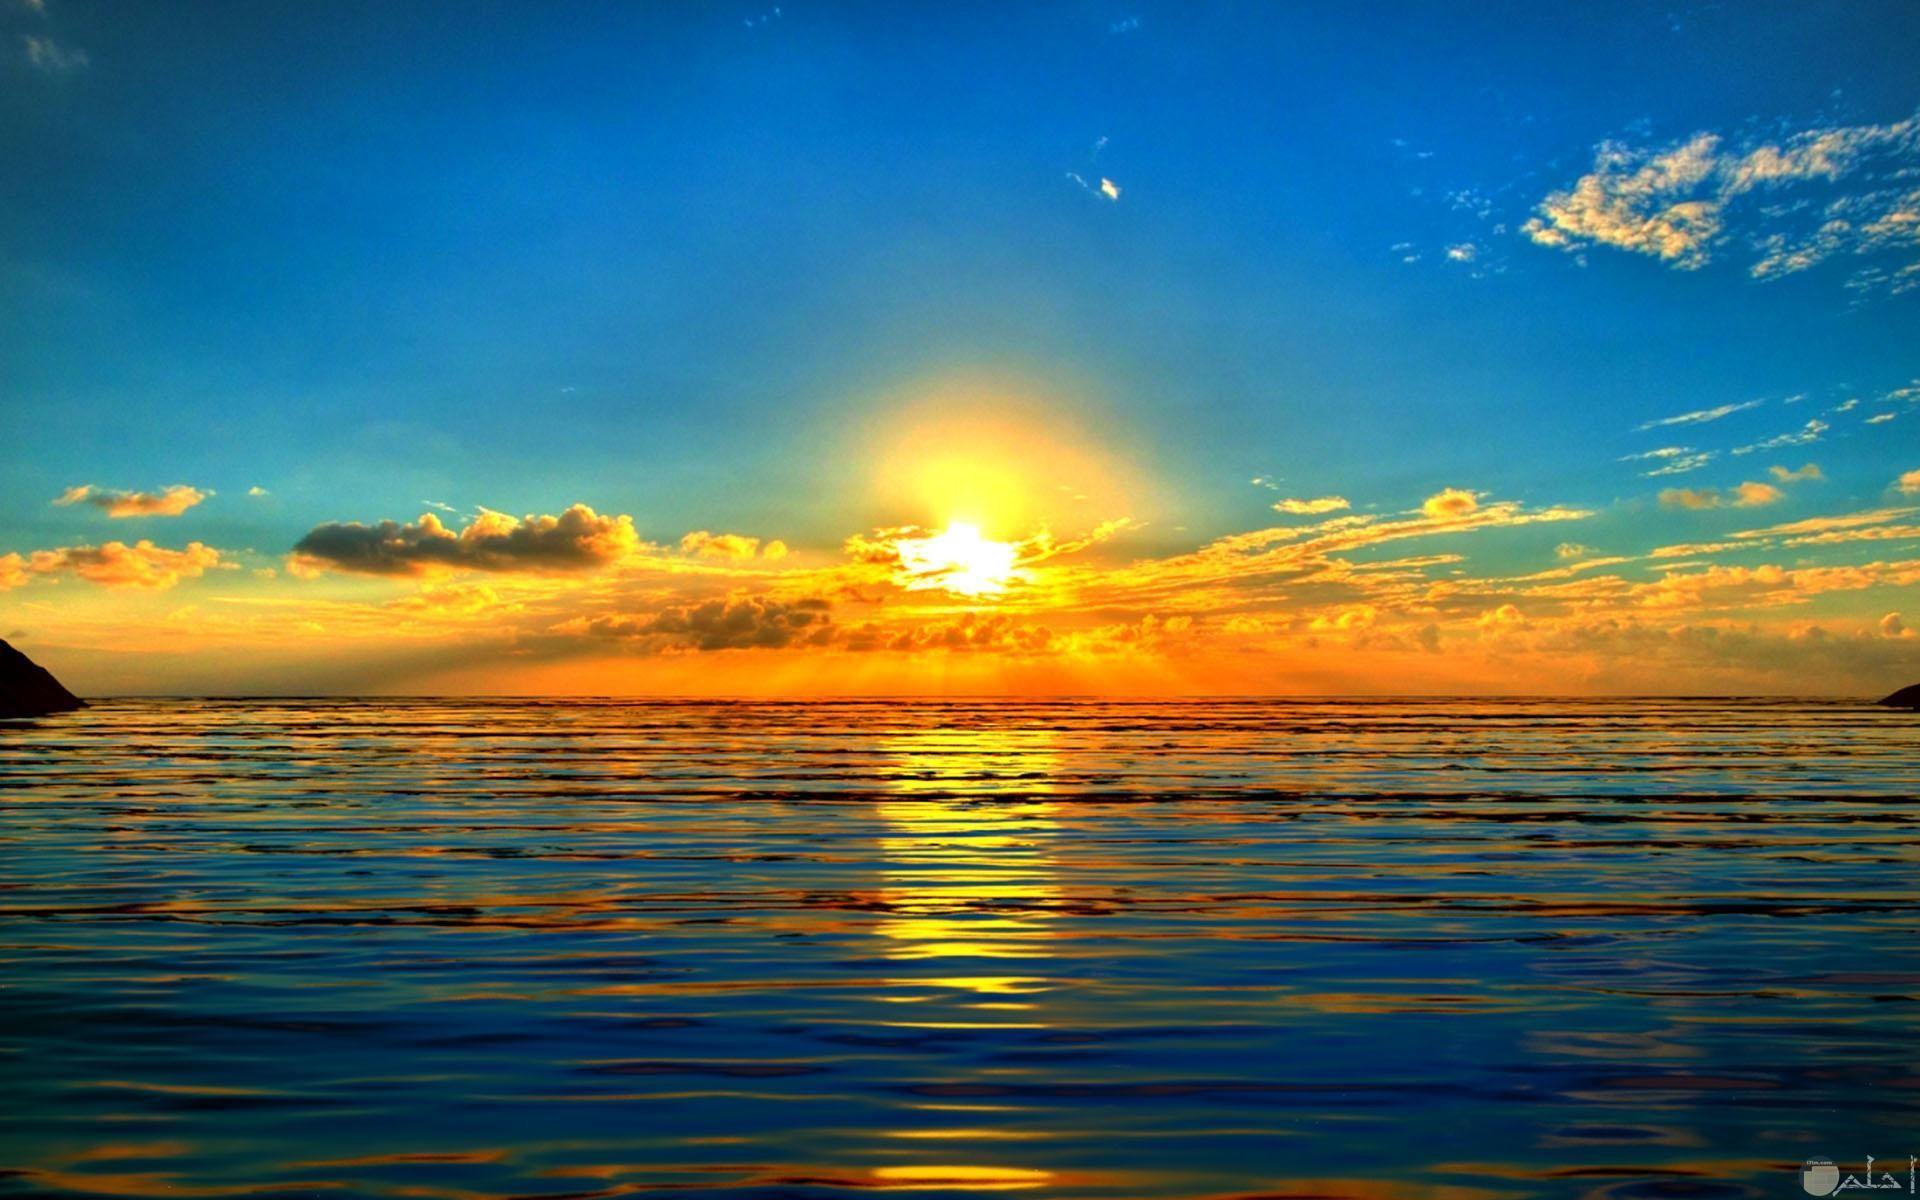 شروق الشمس و اللون الذهبى يكسو البحر بها.